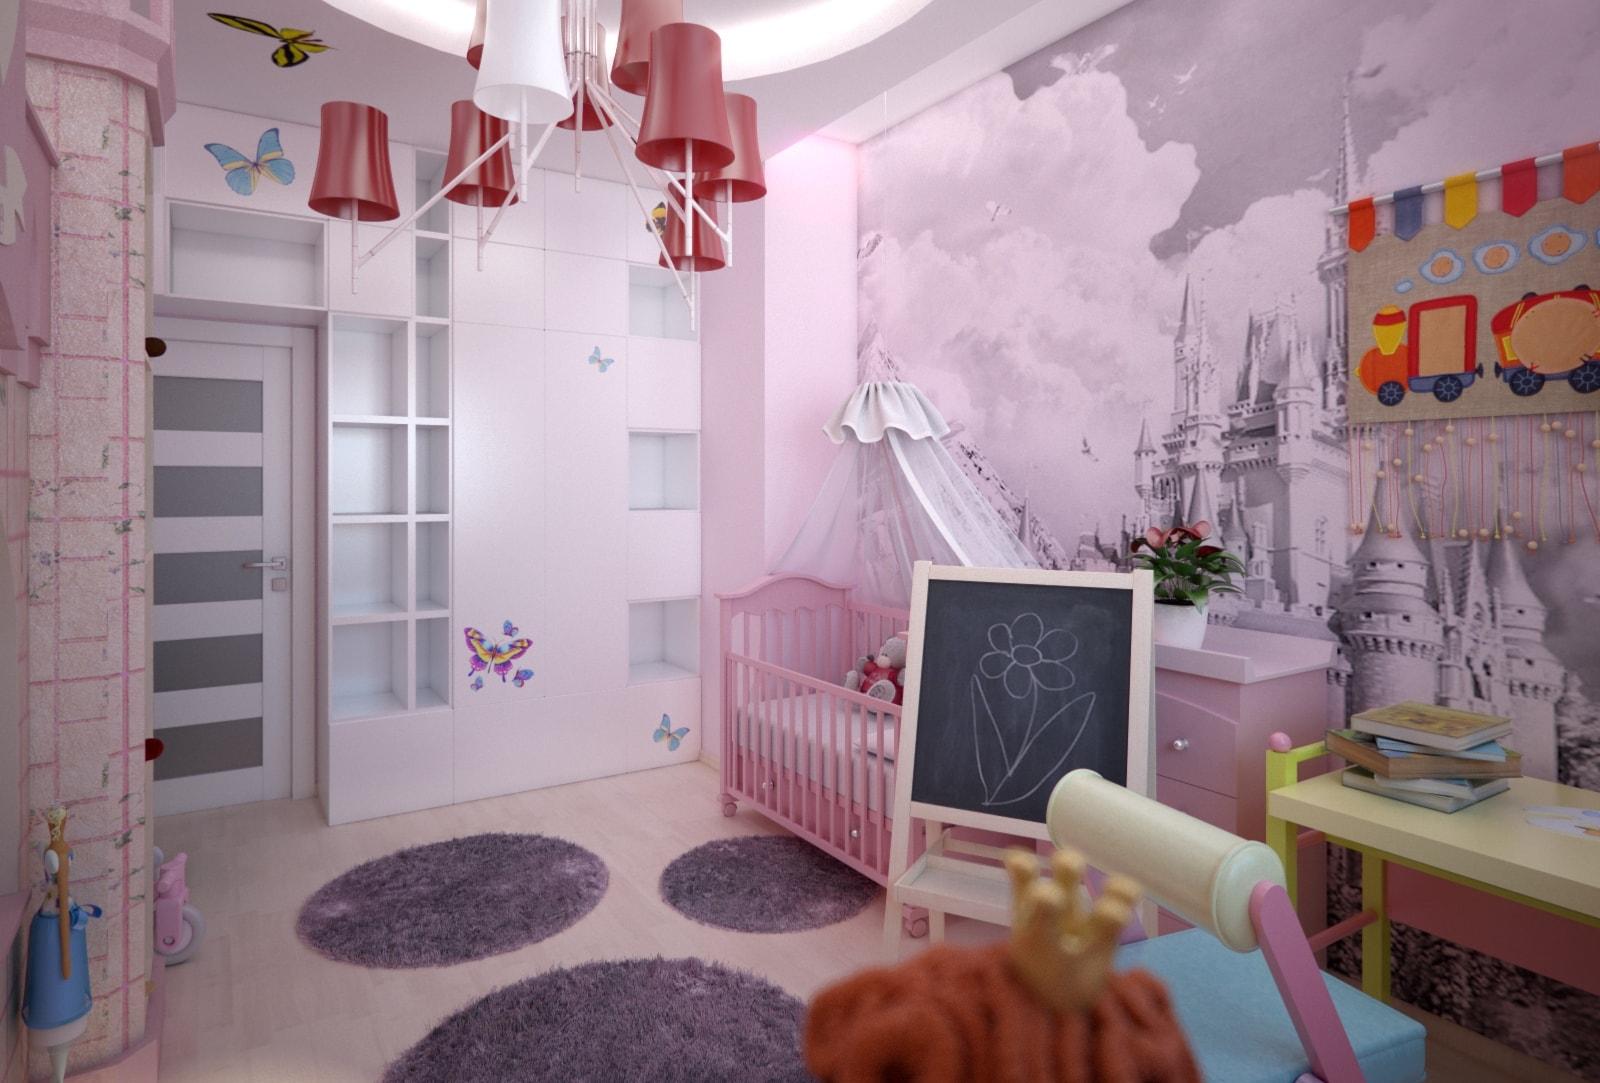 Обои для детской комнаты для девочек: фото, цветовая гамма, комбинирование